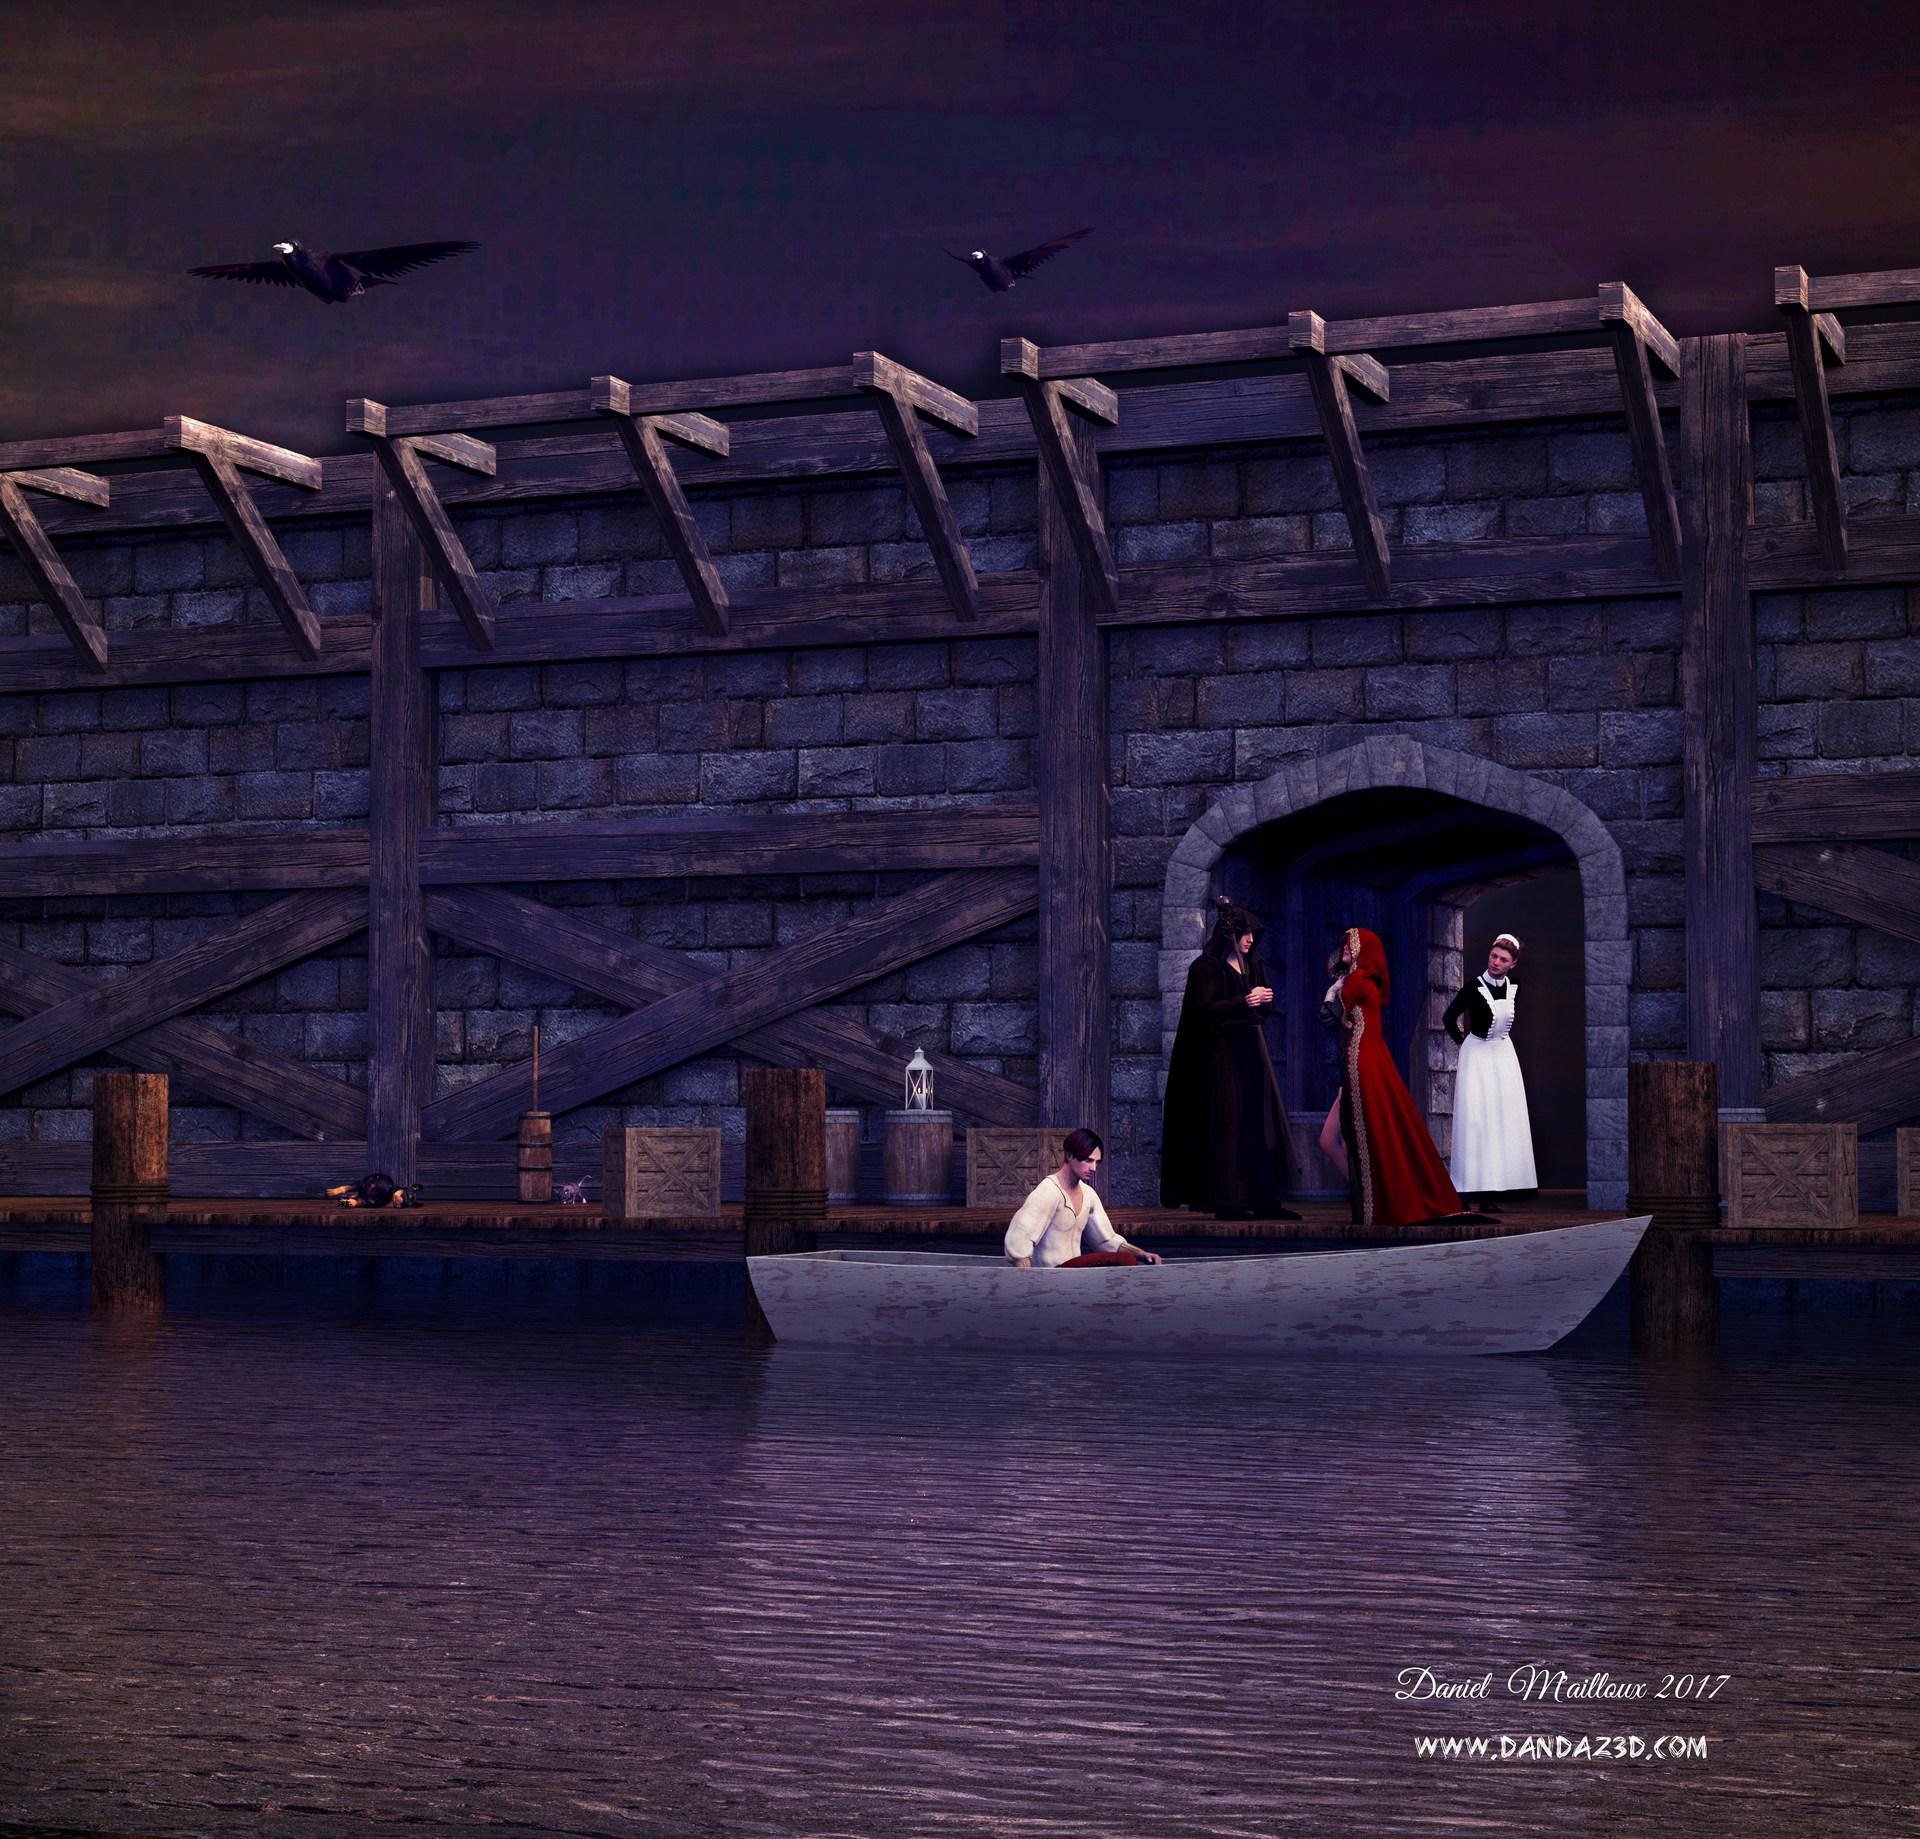 Dock night departure